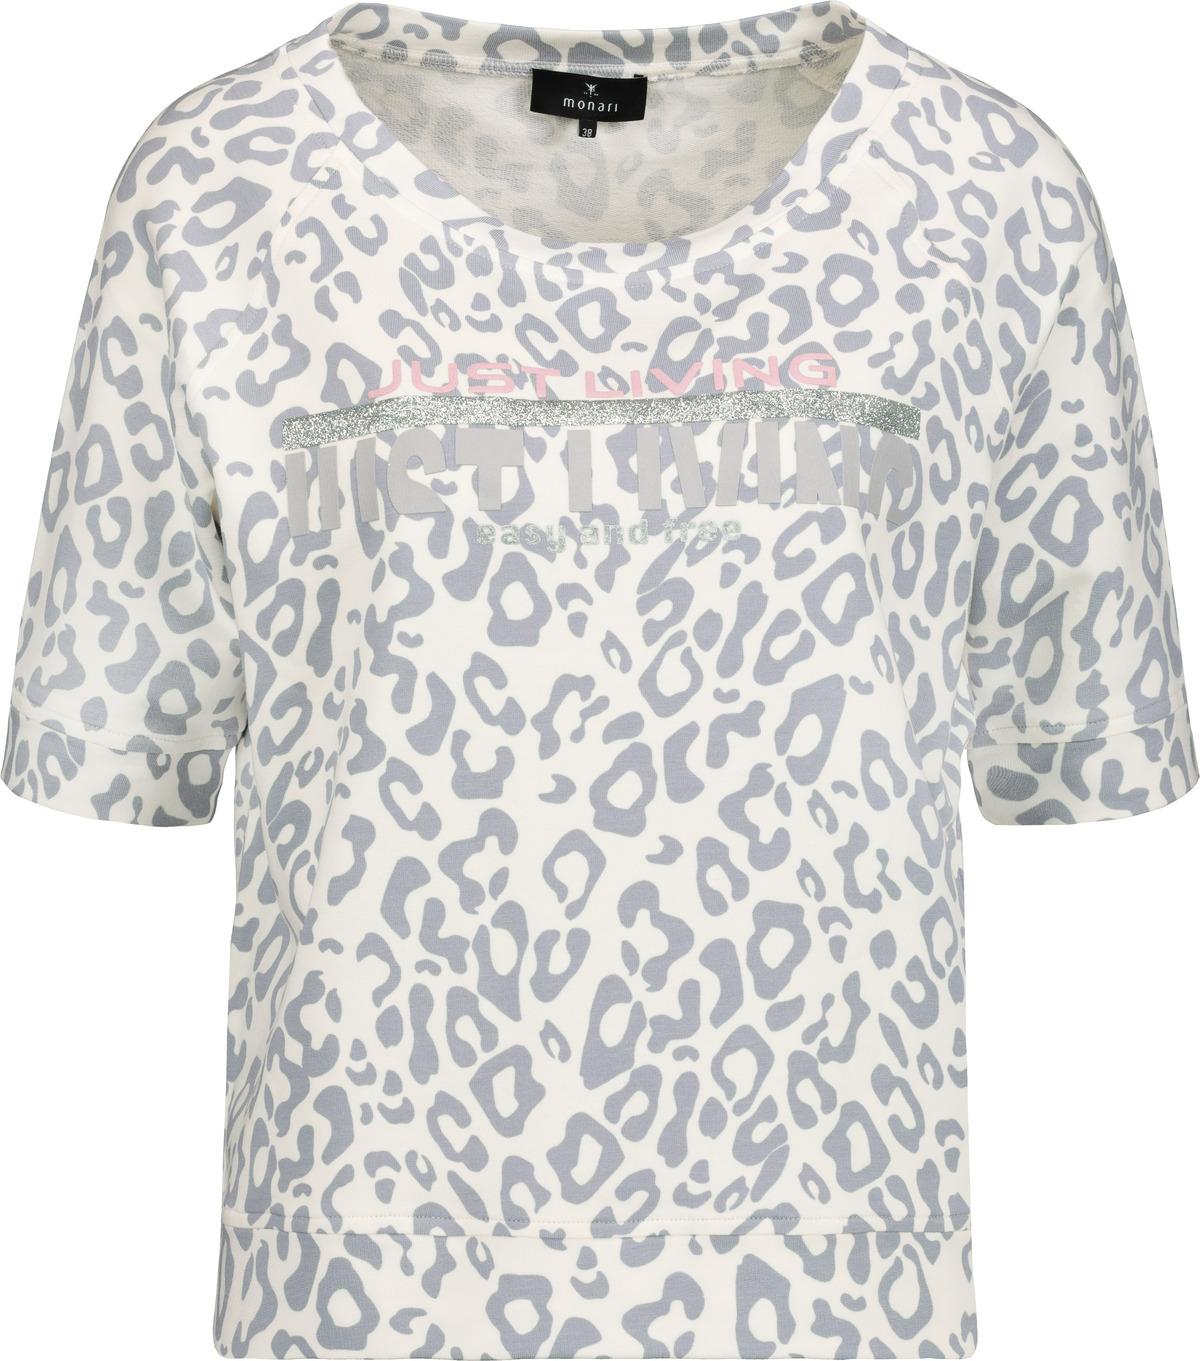 Monari halbarm Shirt gemustert weiß